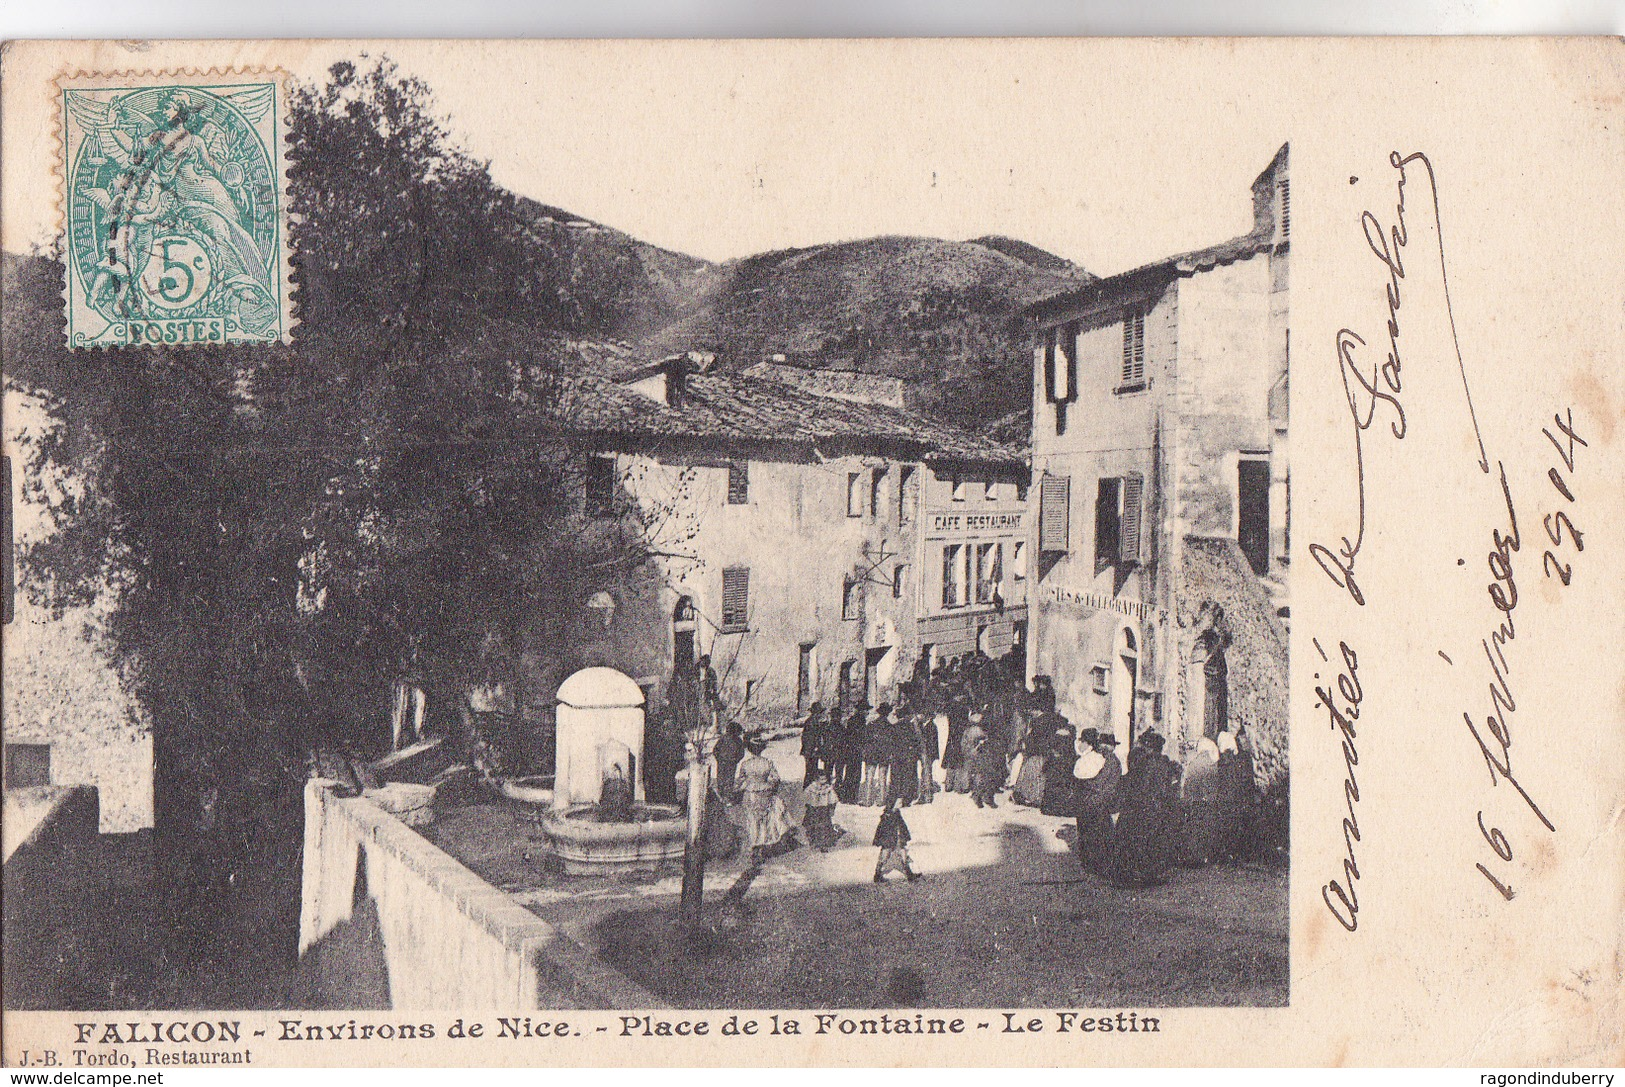 CPA - 06 - FALICON (Environs De NICE) - Place De La Fontaine - LE FESTIN - 1904 - Edit J.B.TORDO Restaurant - Frankrijk